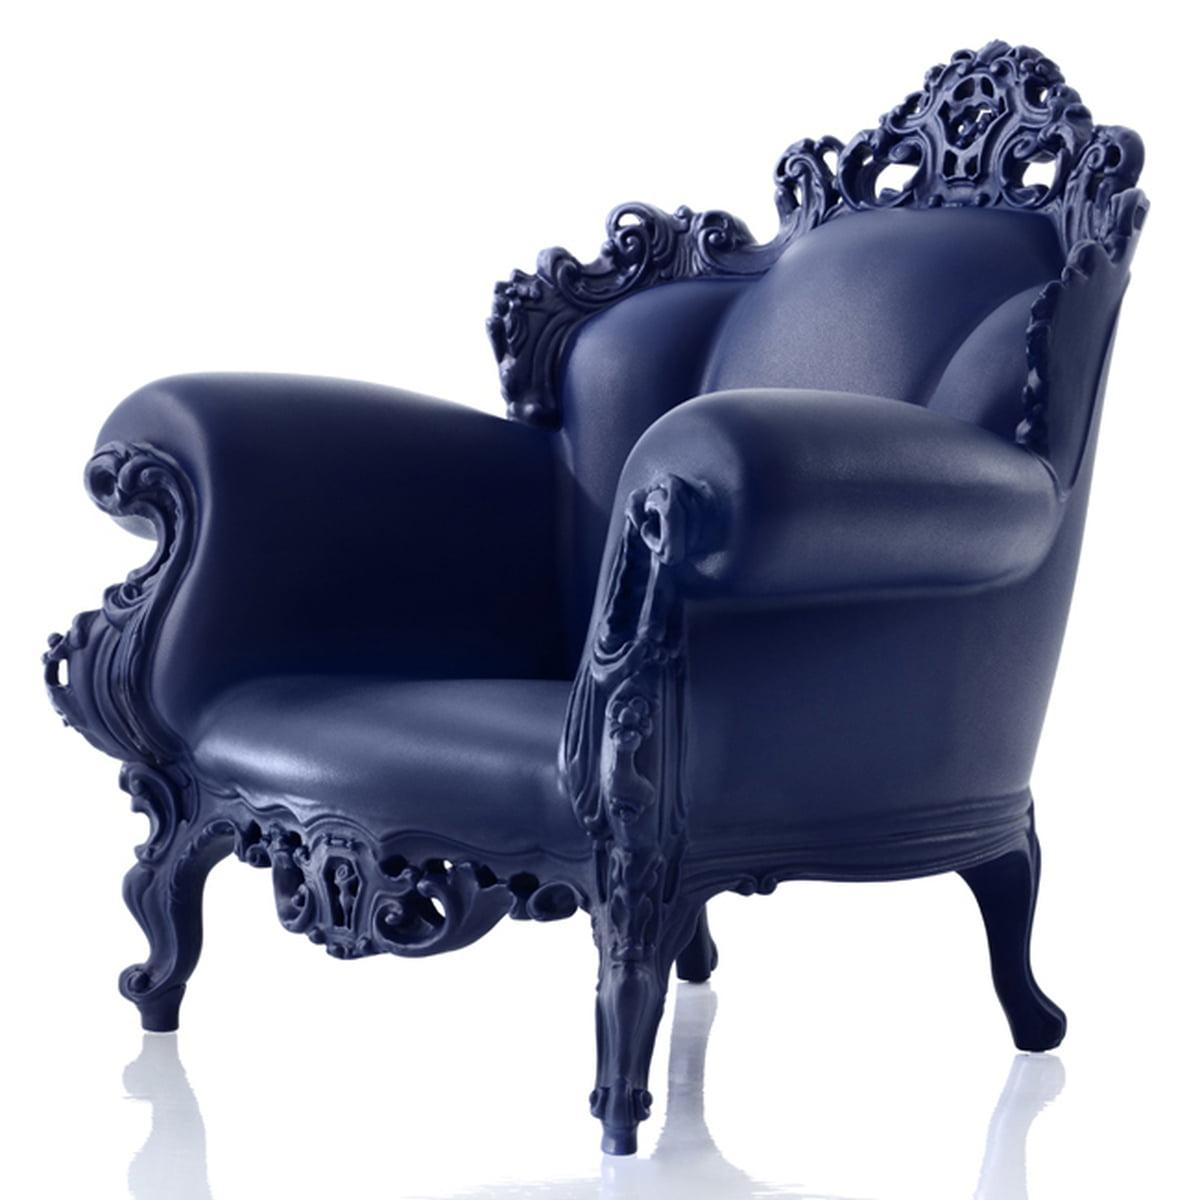 Magis Proust Sessel, Schwarz Seitlich